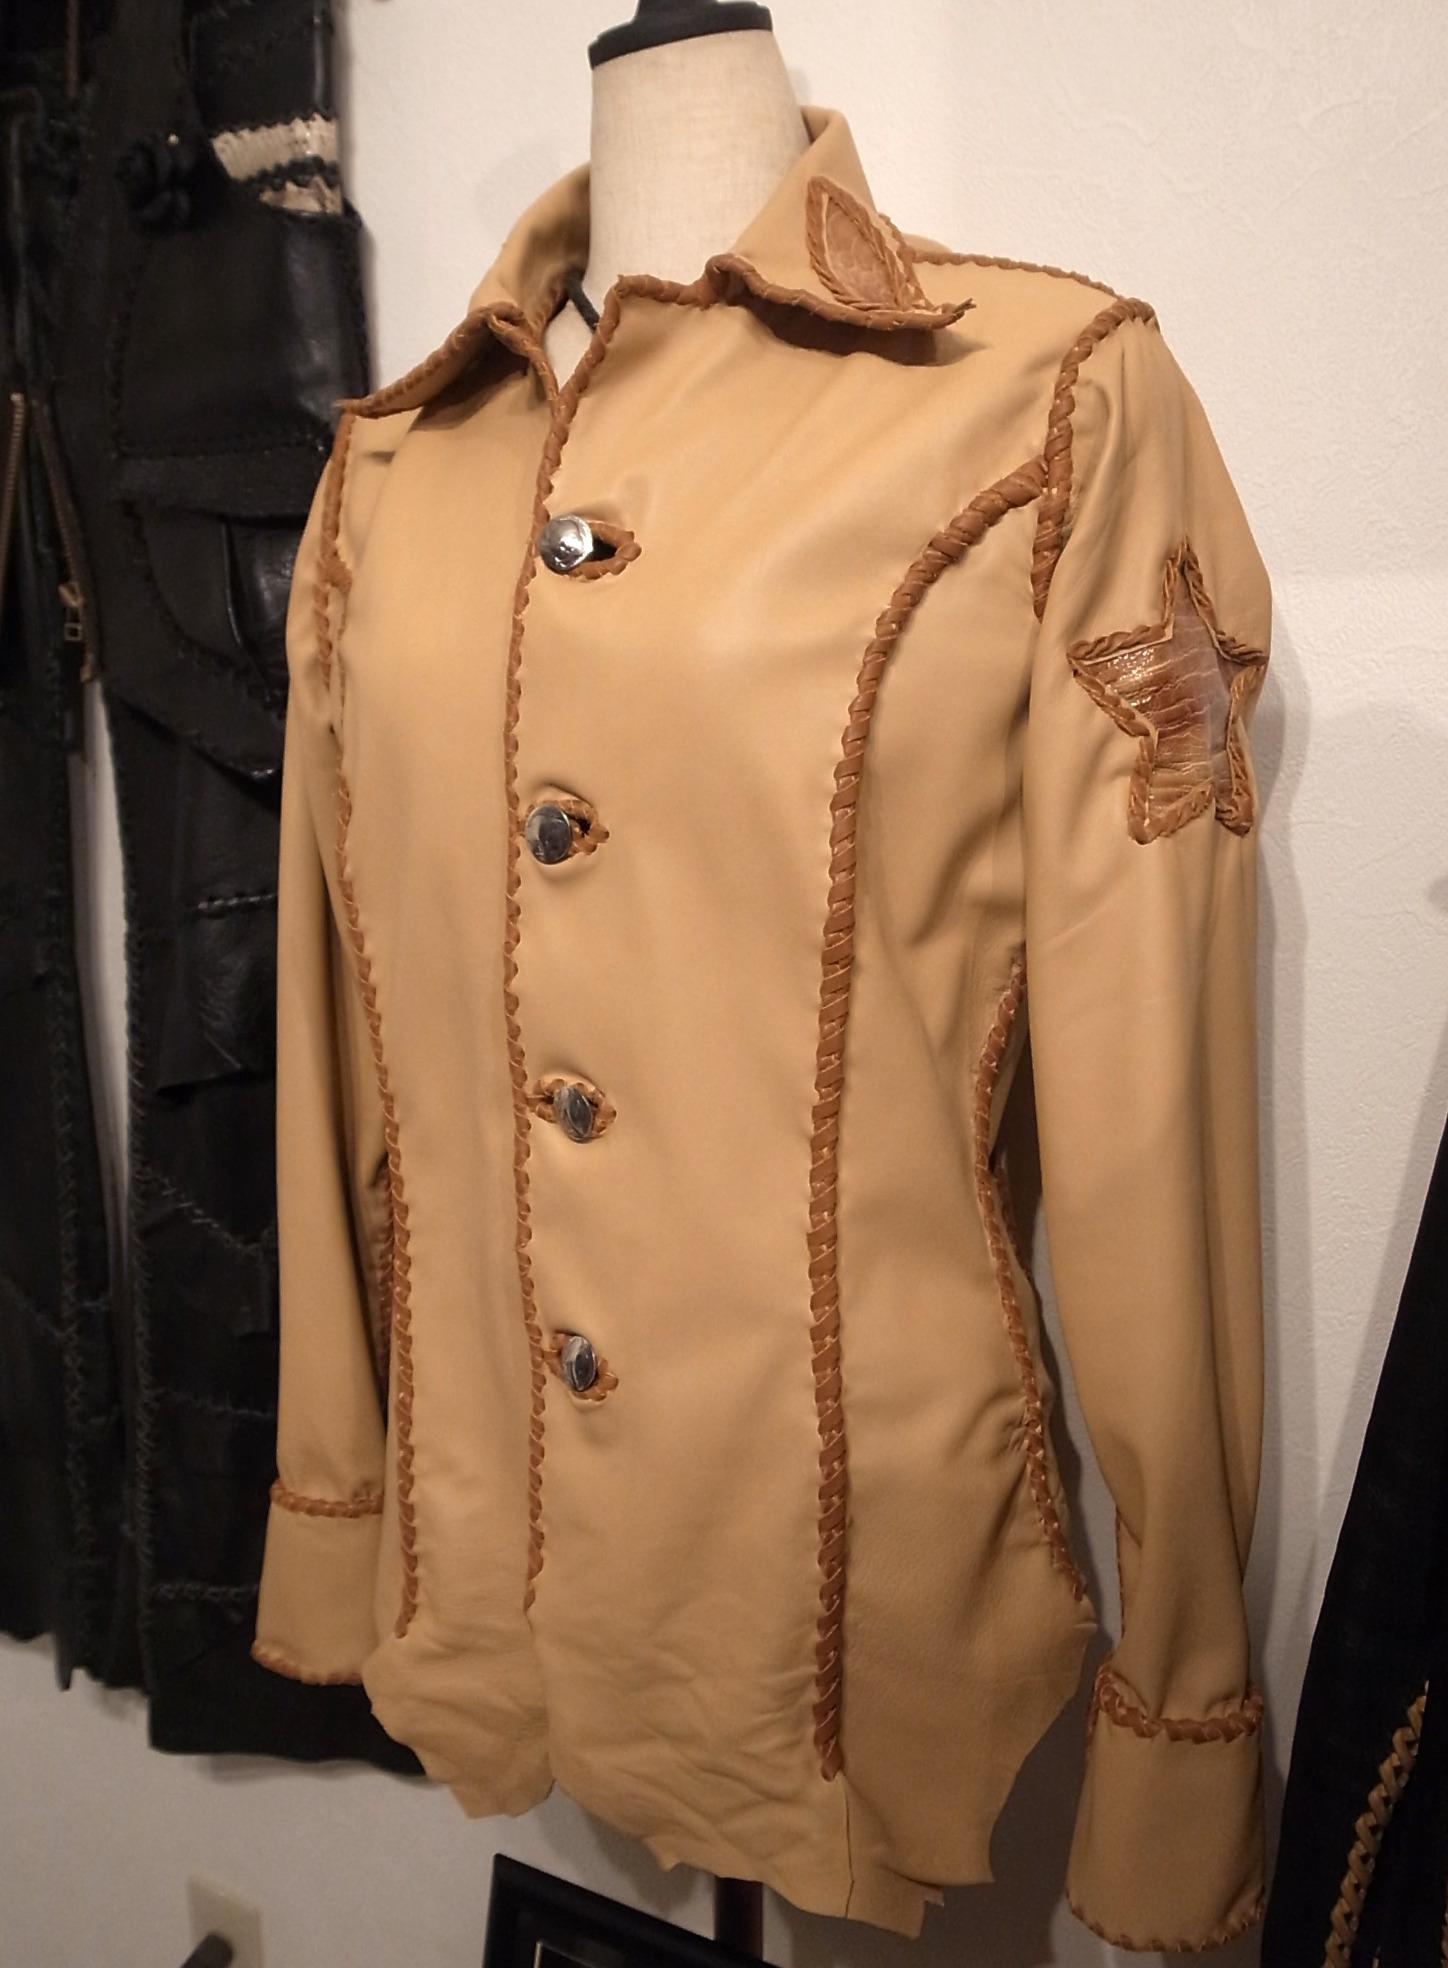 限定1着!オーストレッグ&ラムスキン・シャツジャケット(TG-002)